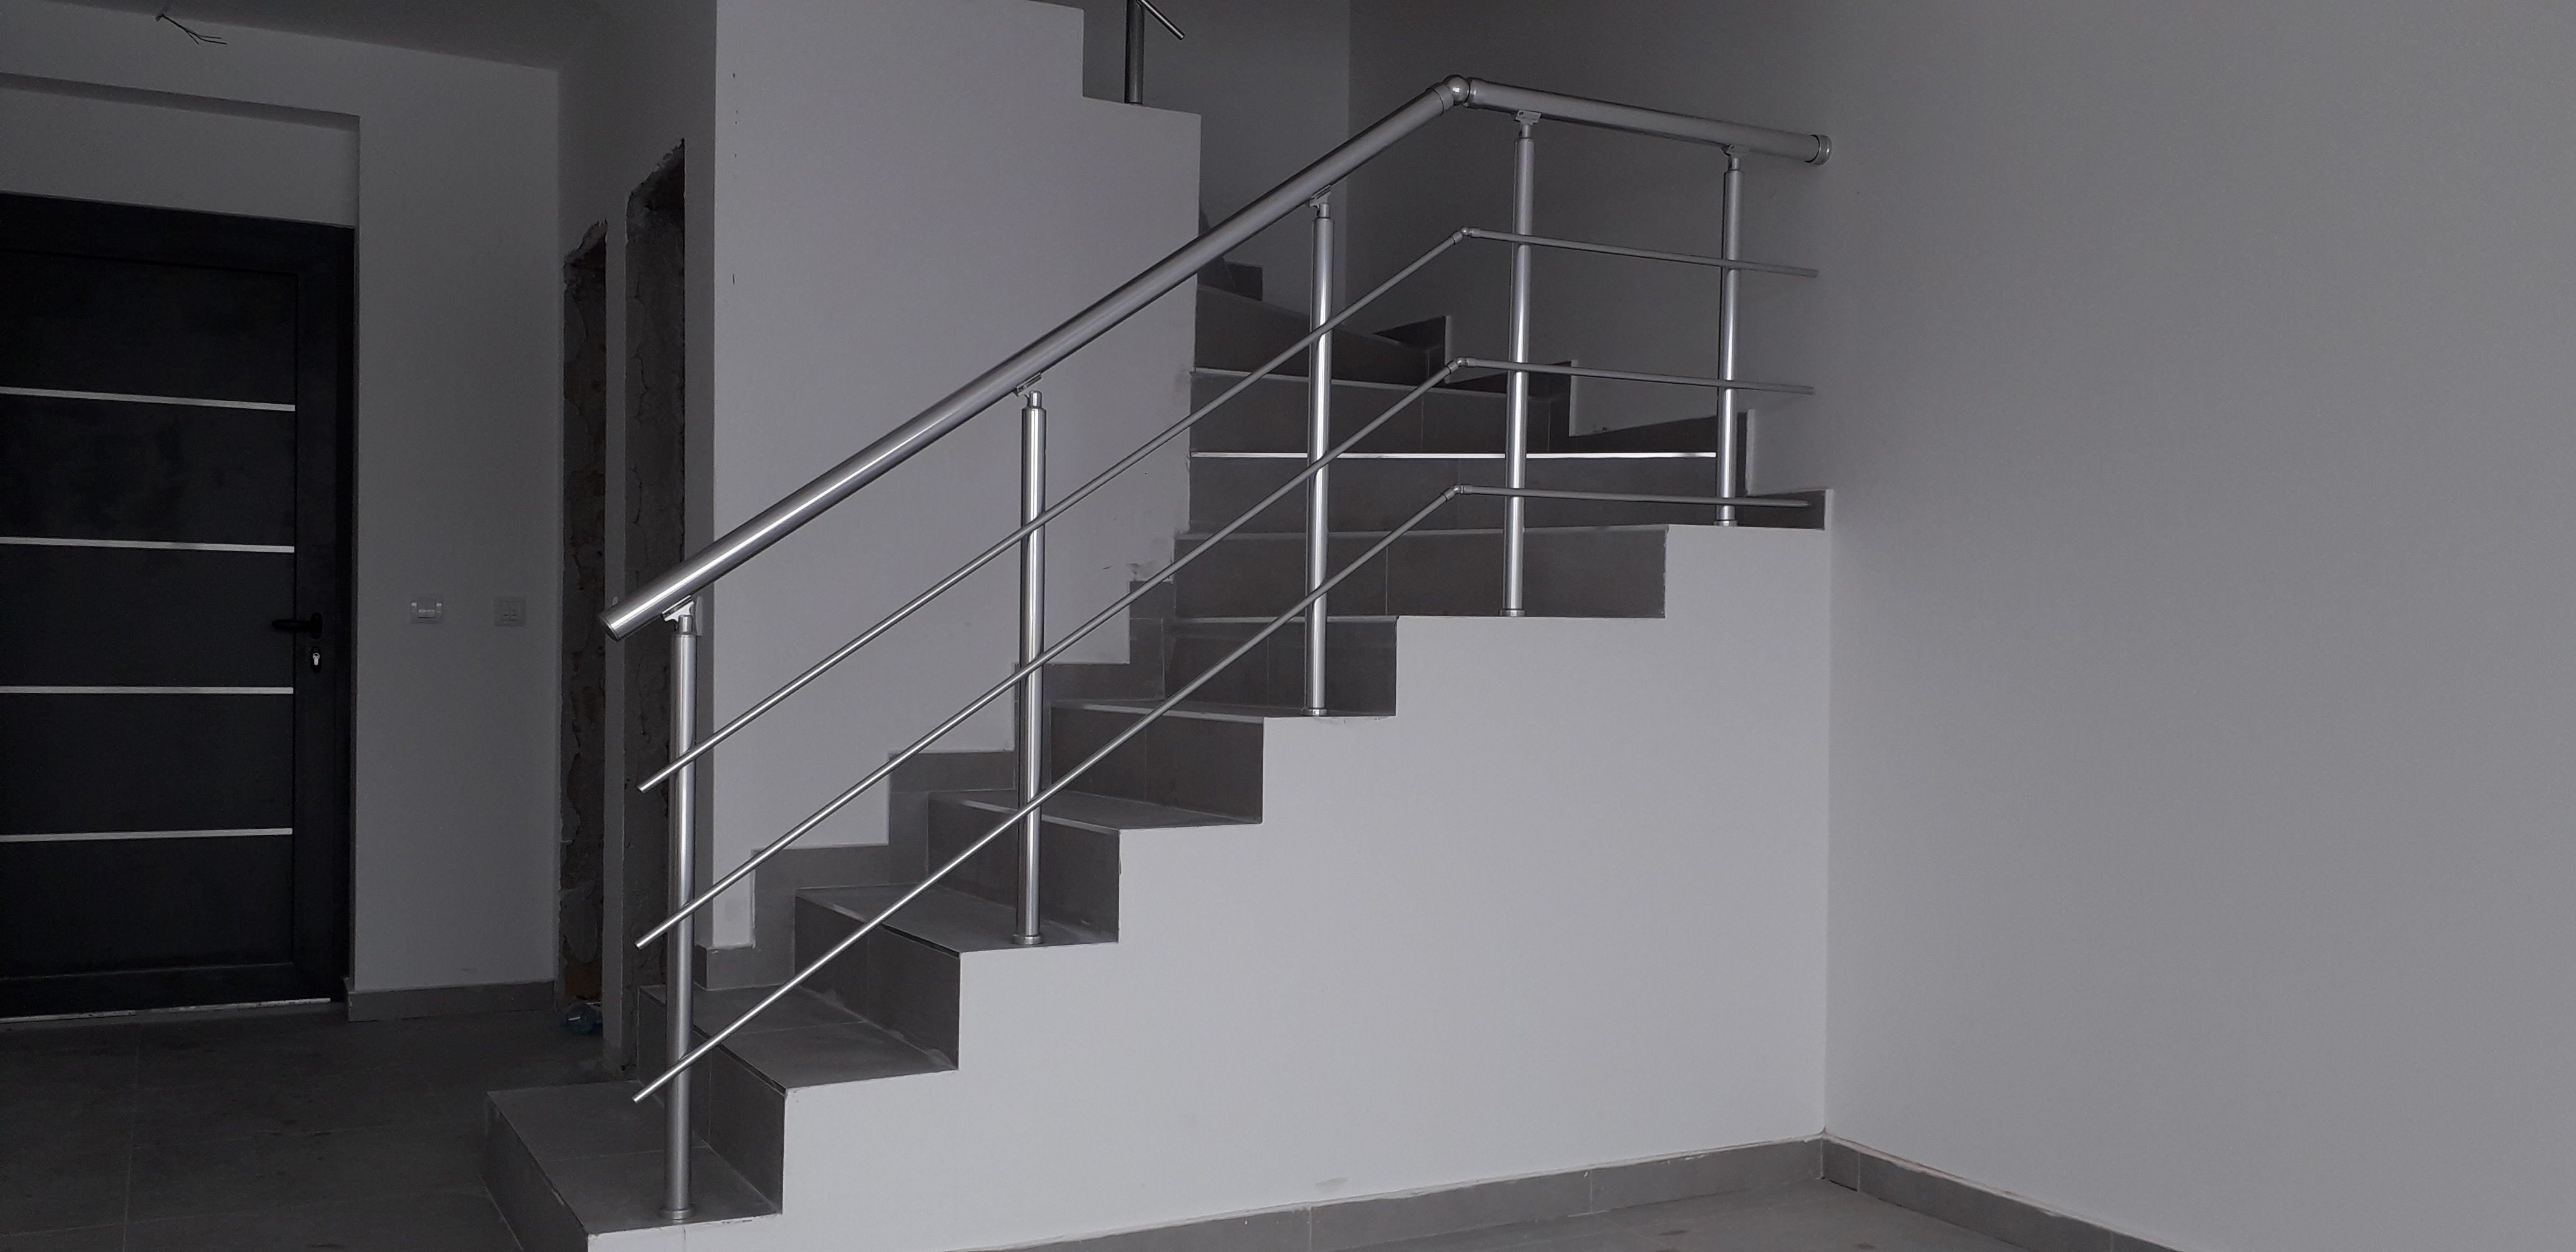 Aluminijumske ograde za unutrašnje stepenice